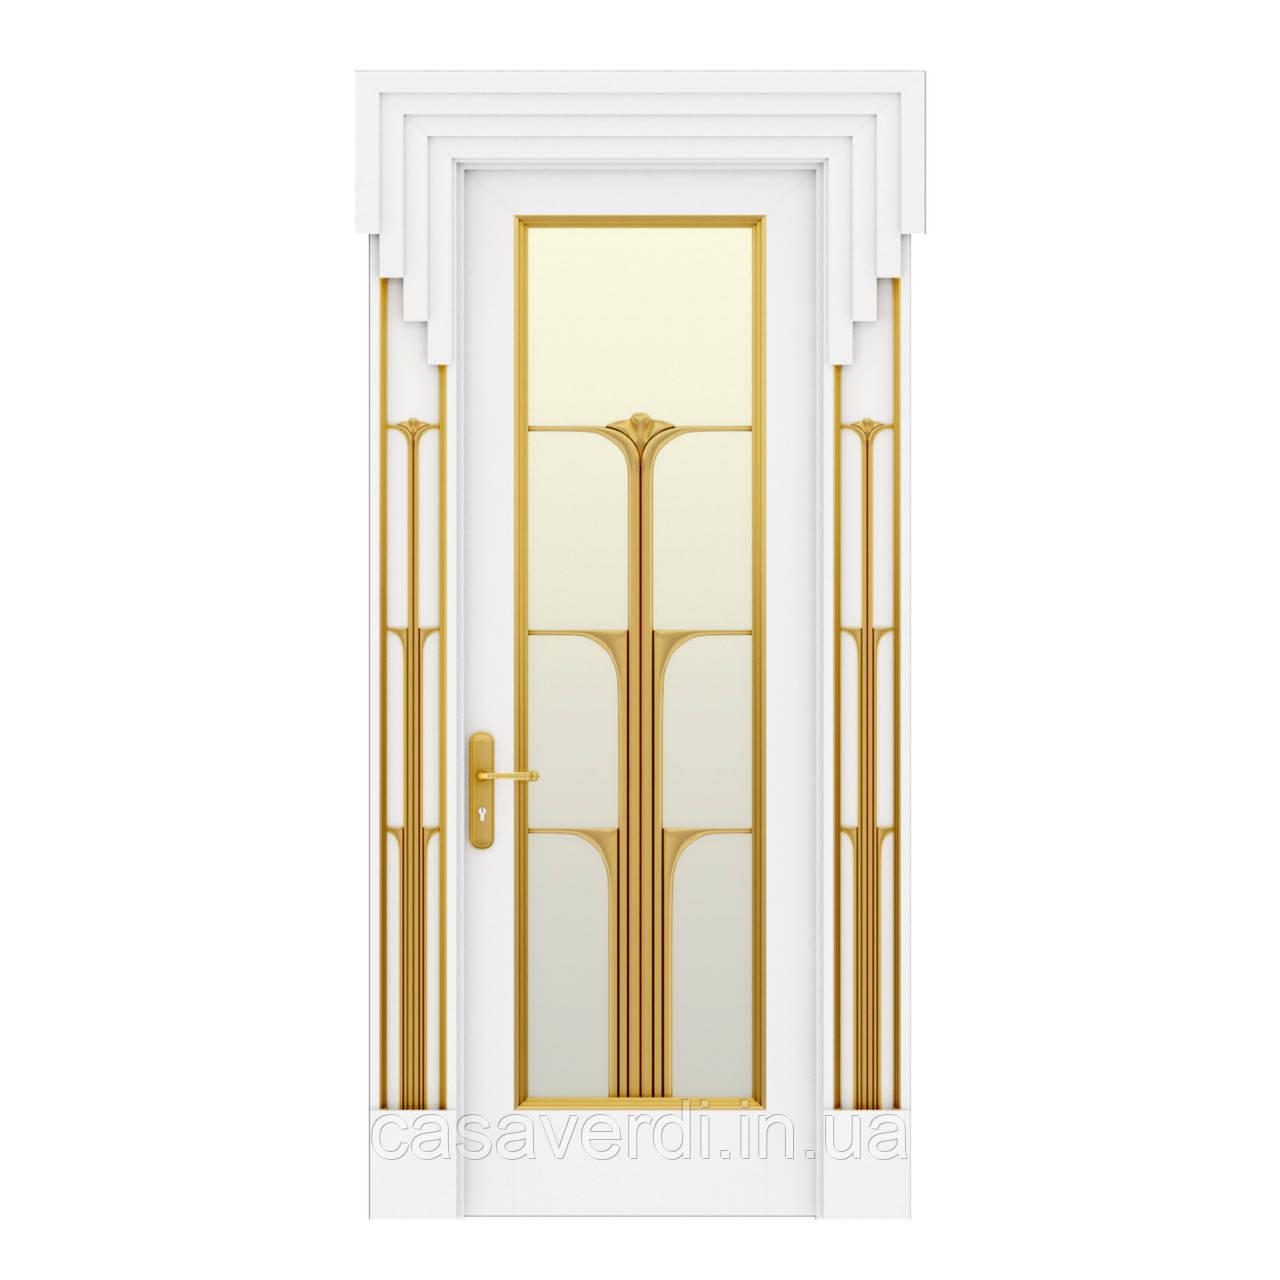 Межкомнатная дверь Casa Verdi  Conte 9 из массива ольхи белая